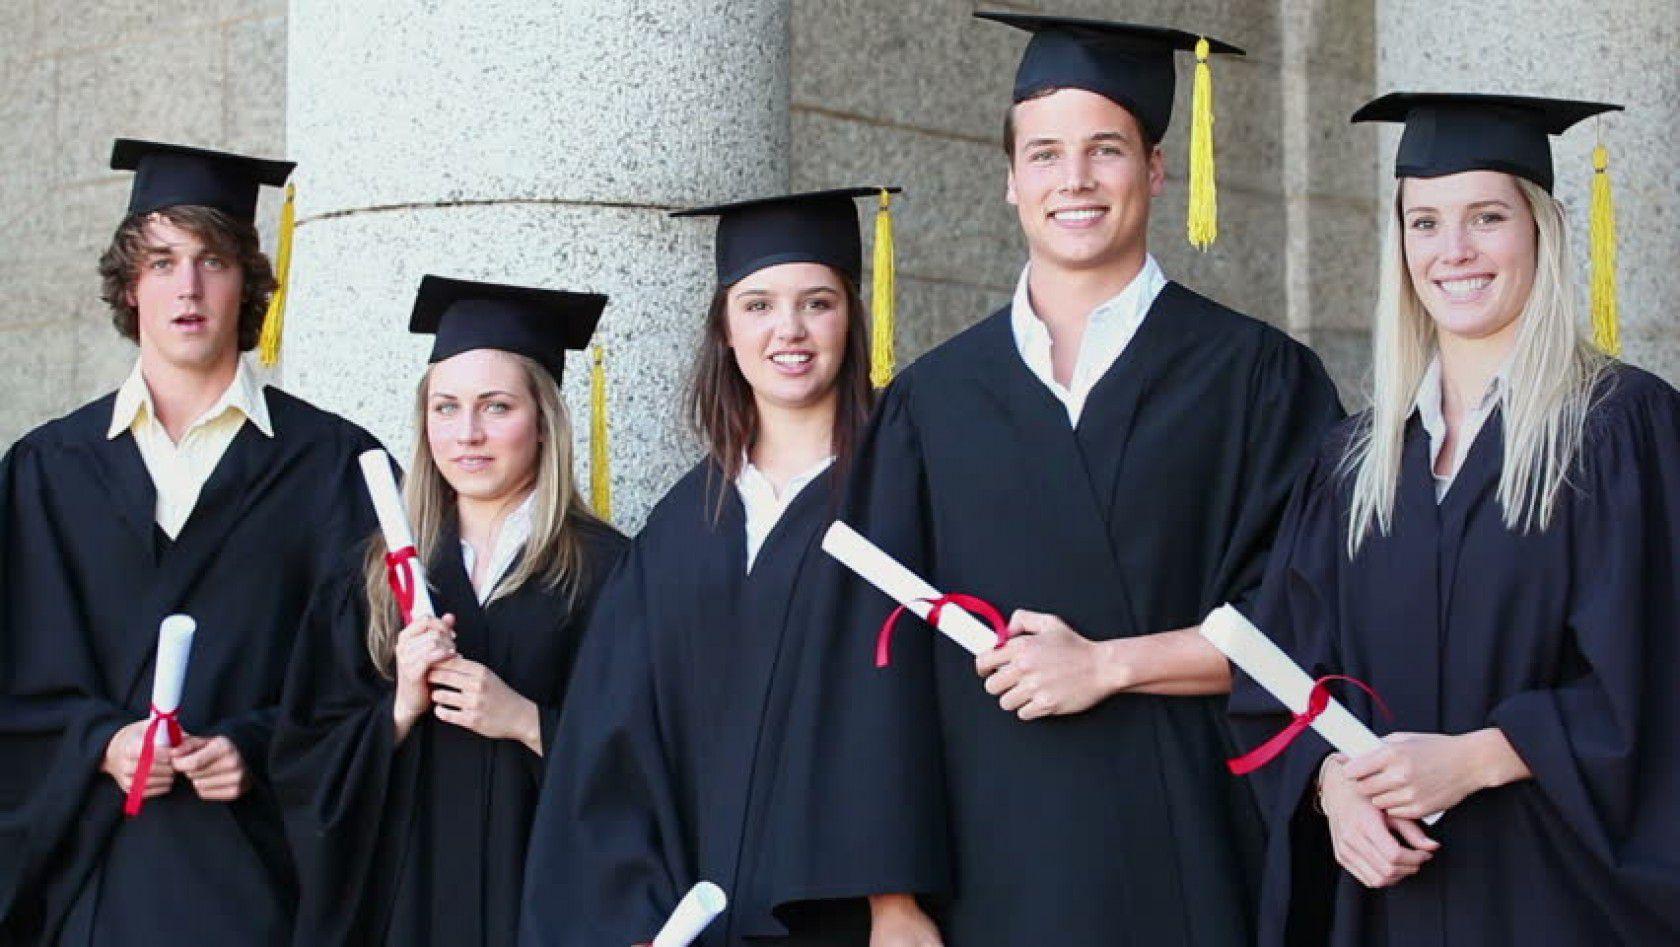 Yurtdışında Lise Diploması Almanın Yöntemleri Nelerdir?